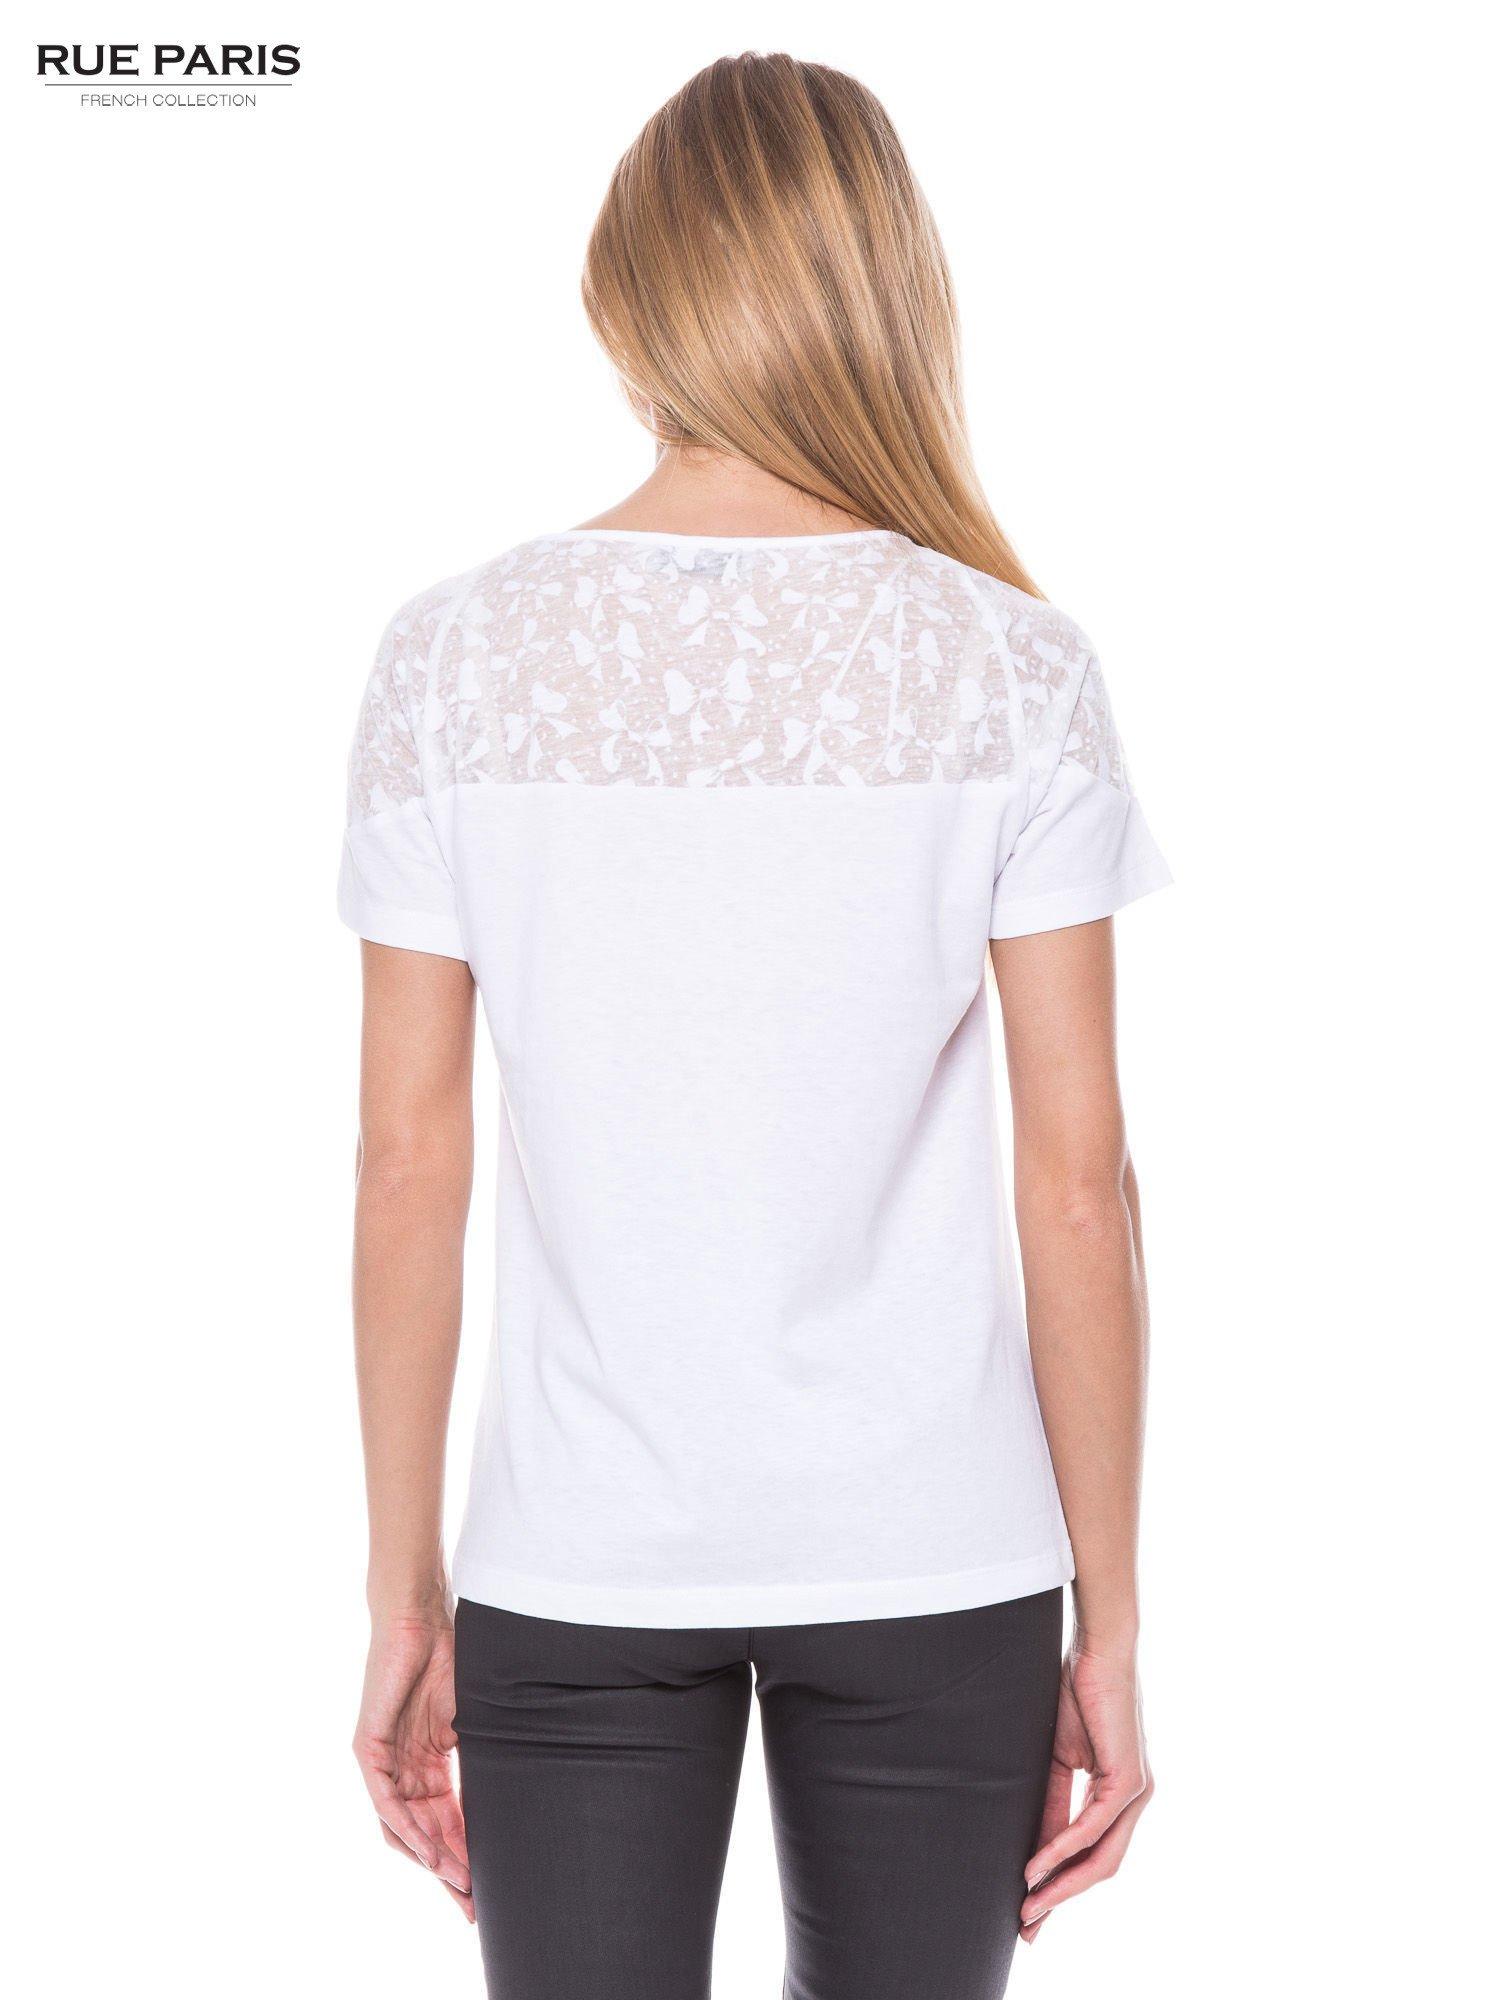 Biały t-shirt z transparentną górą w kokardki                                  zdj.                                  3